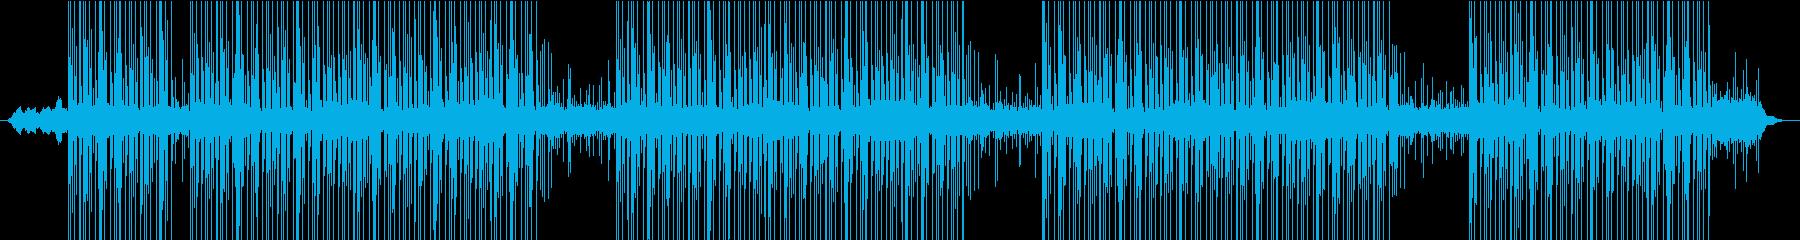 怪しい雰囲気のBGMの再生済みの波形